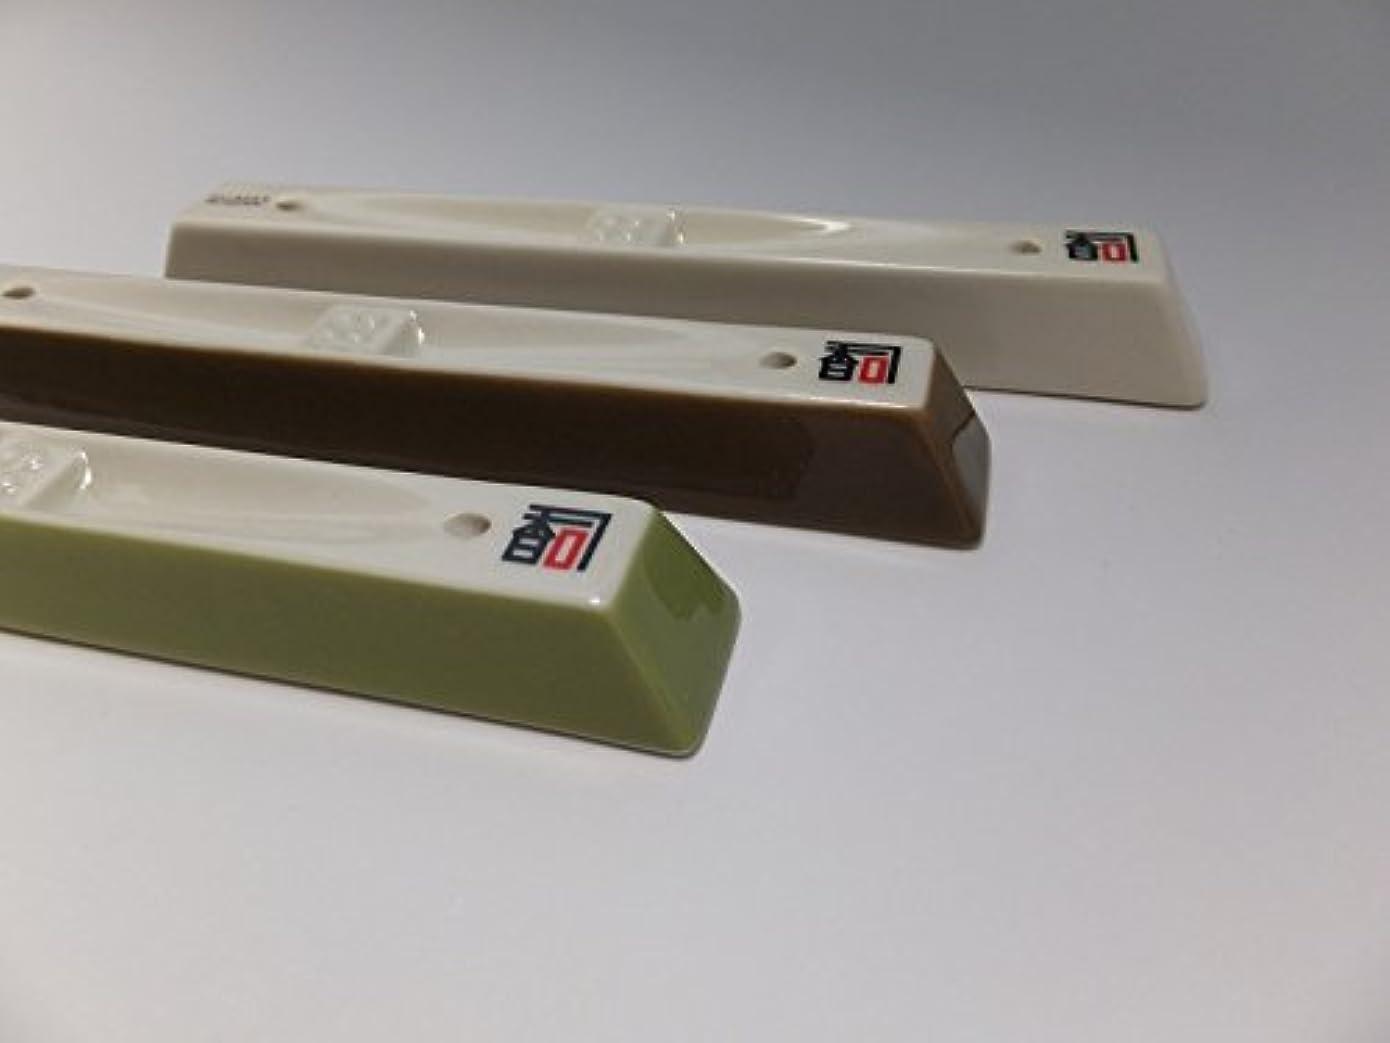 アンティーク準備するすすり泣きあわじ島の香司 「香司オリジナル商品」 特製 香立 3種(緑?白?茶)